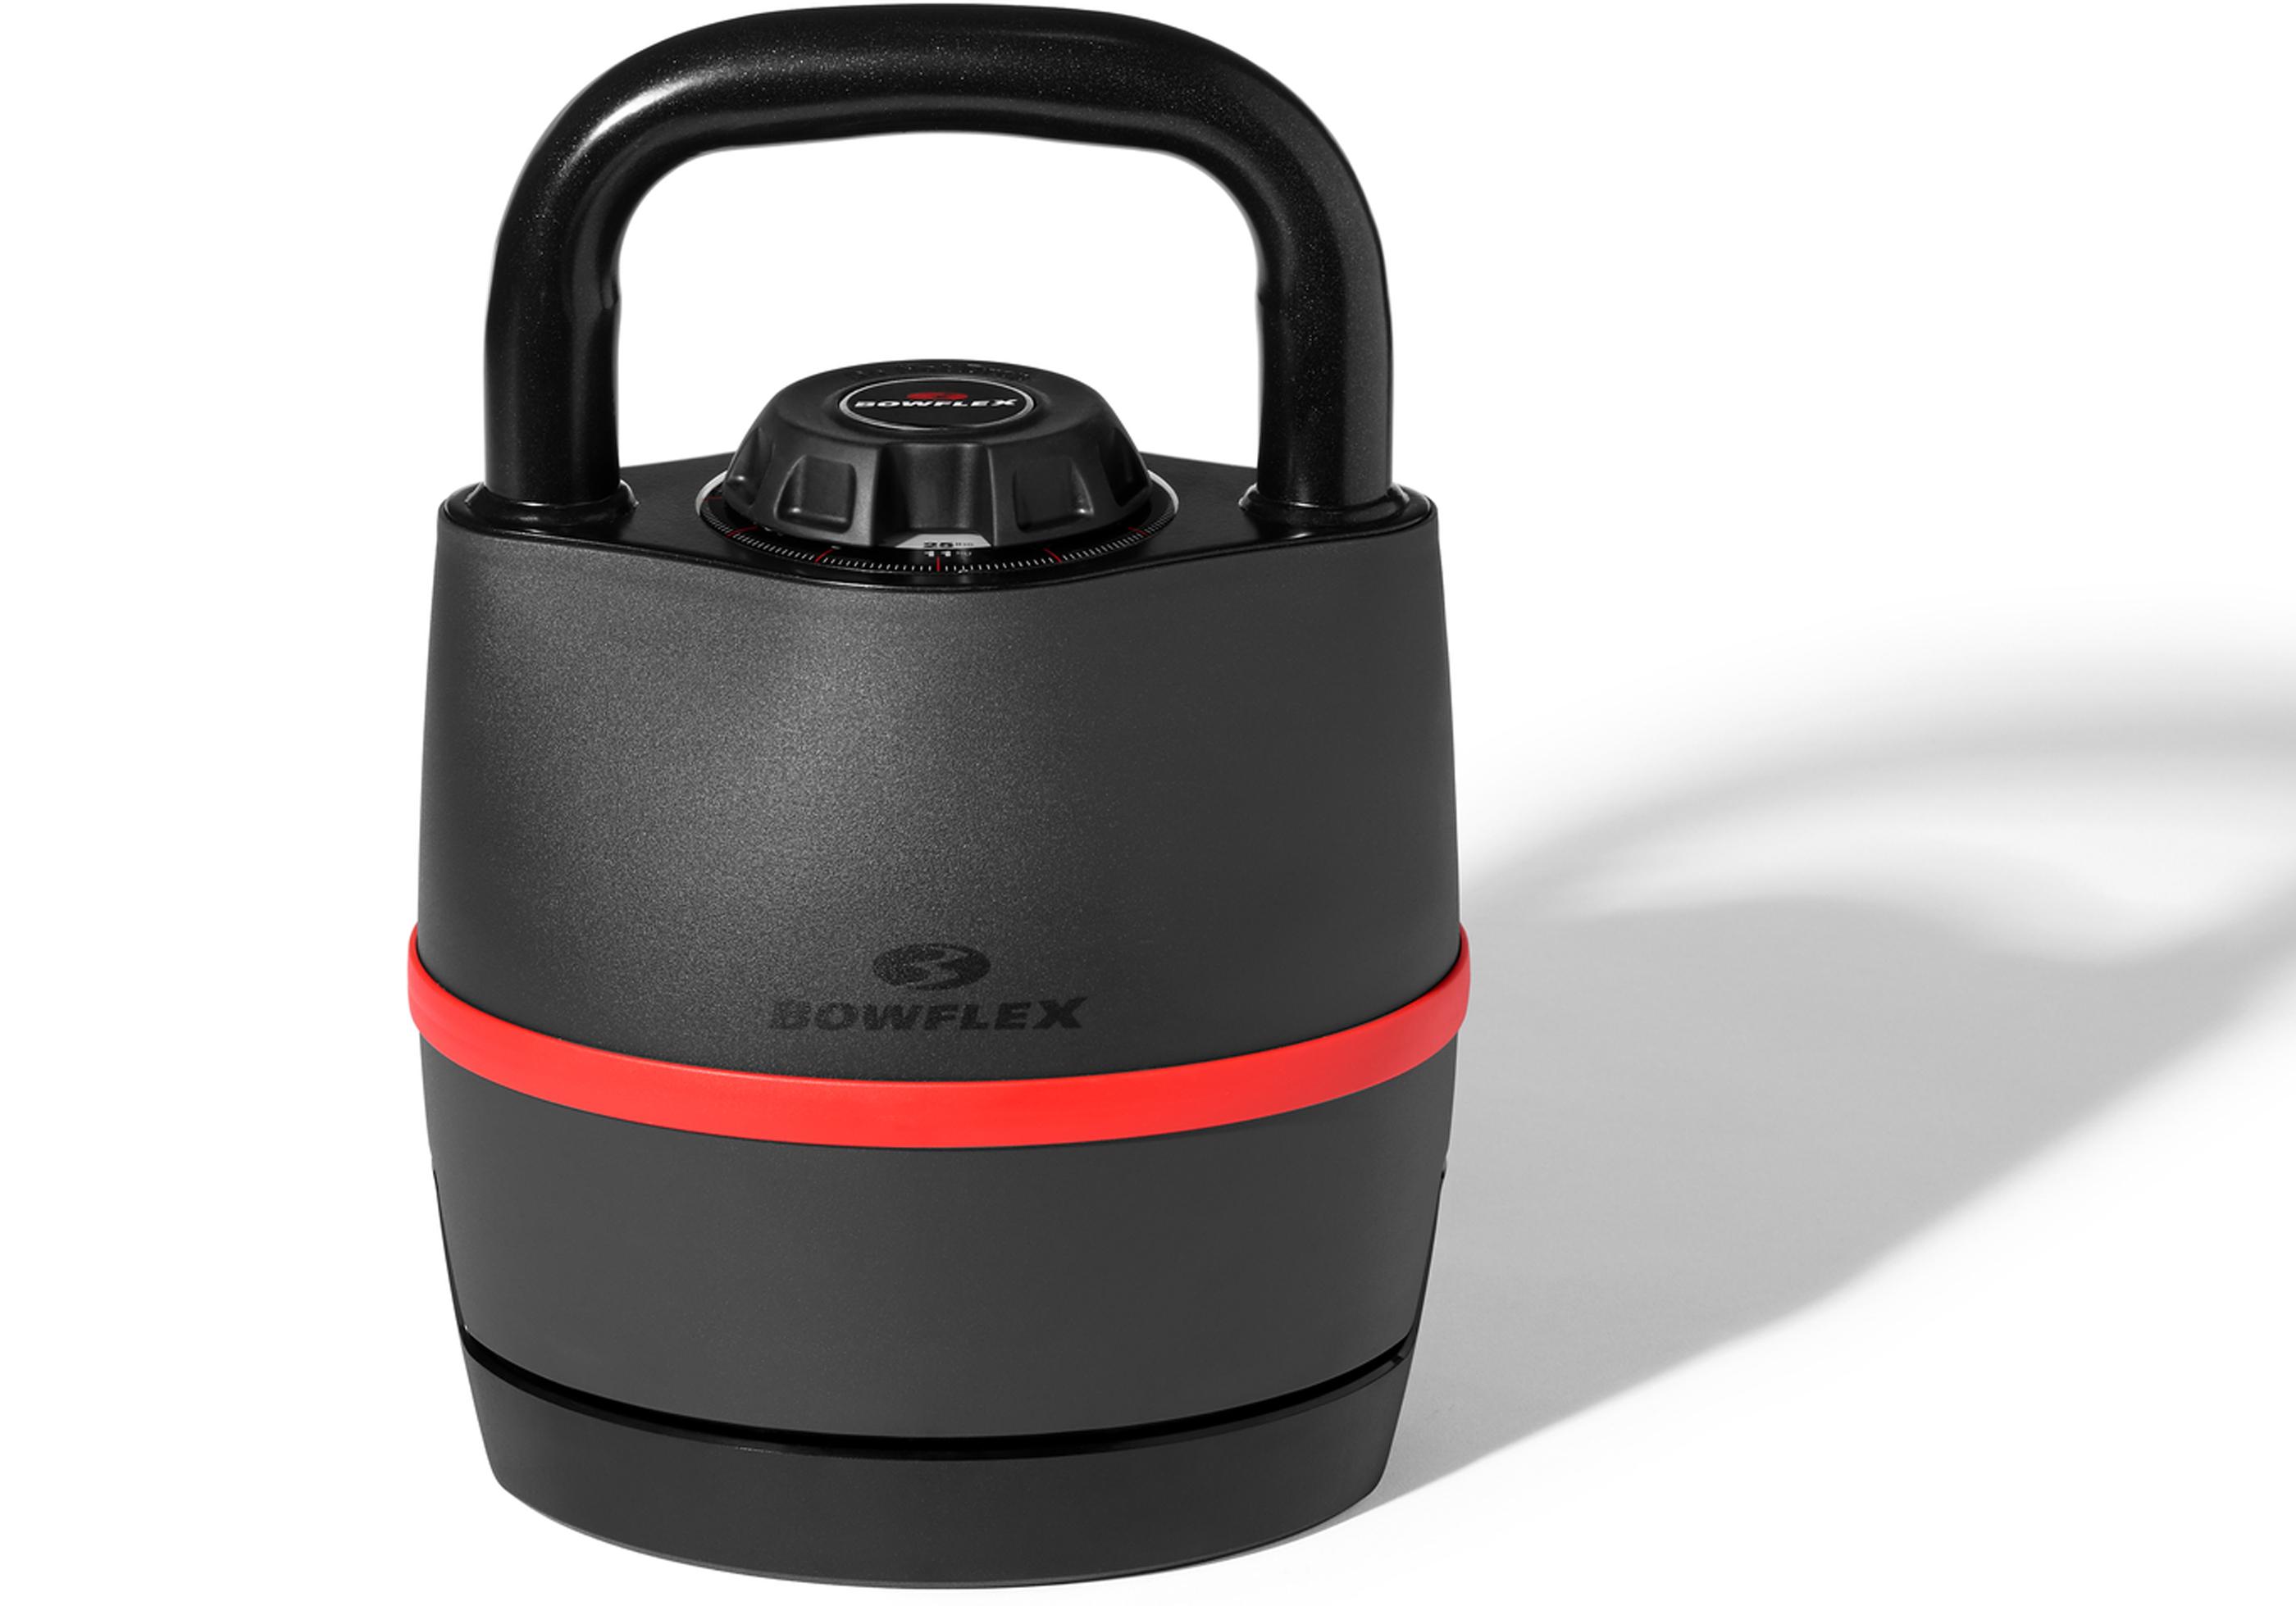 Bowflex kettlebell